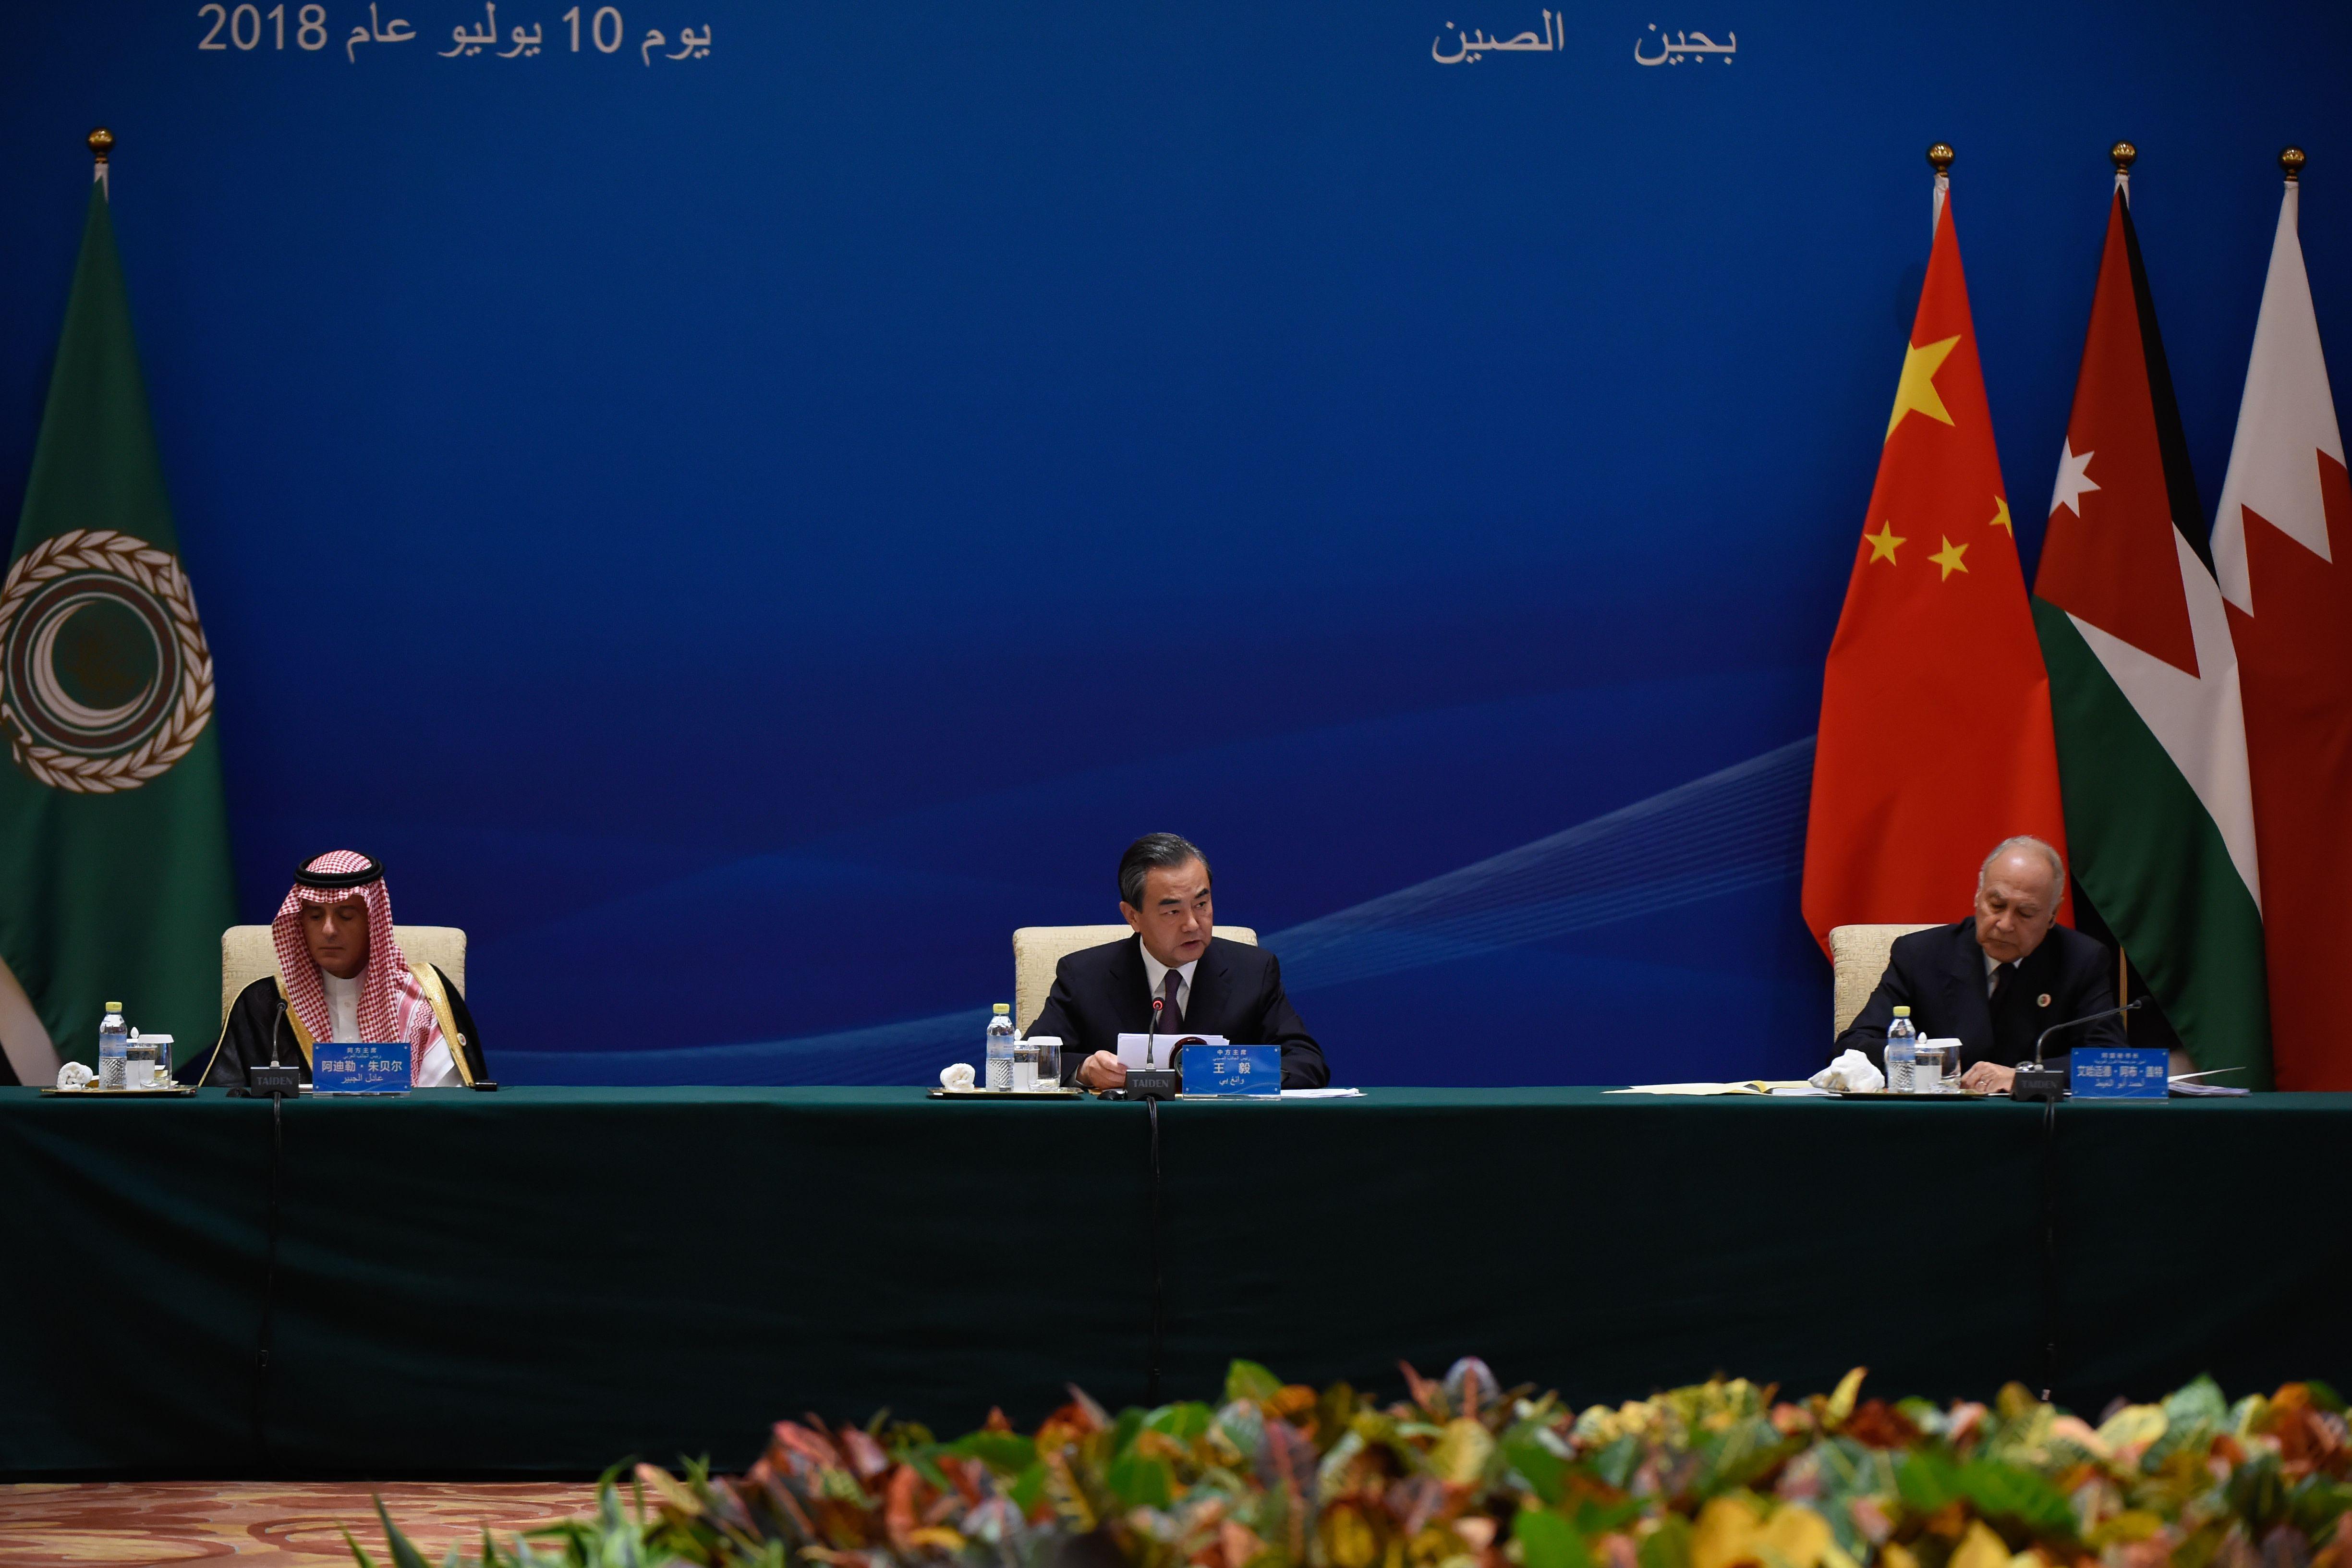 المنصة الرئيسية لقمة المنتدى الصينى العربى